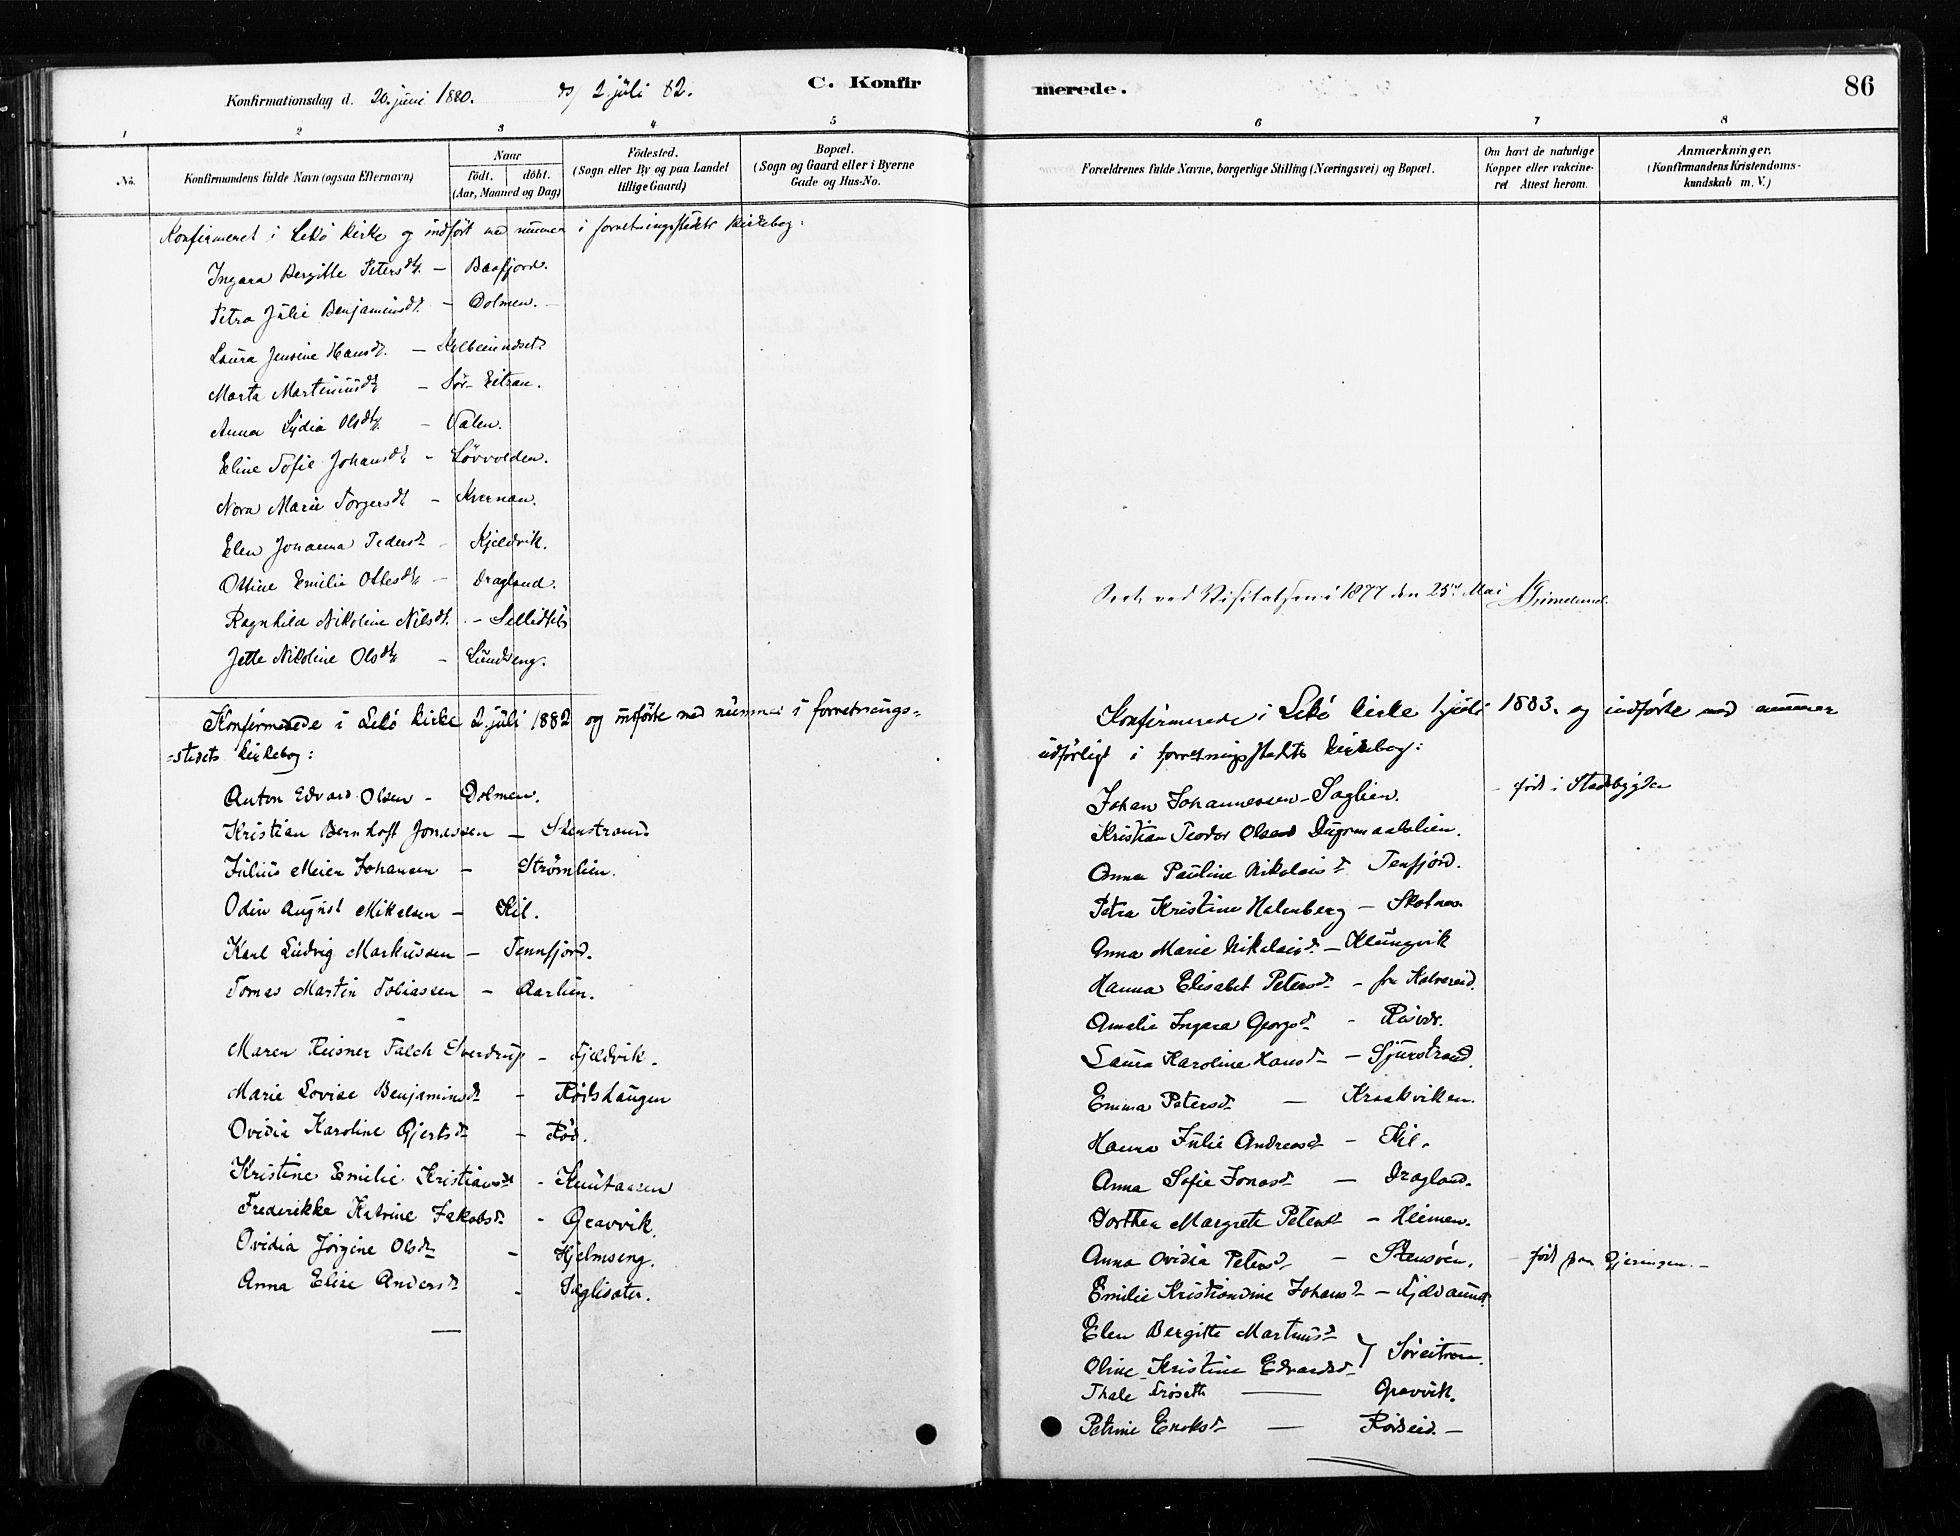 SAT, Ministerialprotokoller, klokkerbøker og fødselsregistre - Nord-Trøndelag, 789/L0705: Ministerialbok nr. 789A01, 1878-1910, s. 86